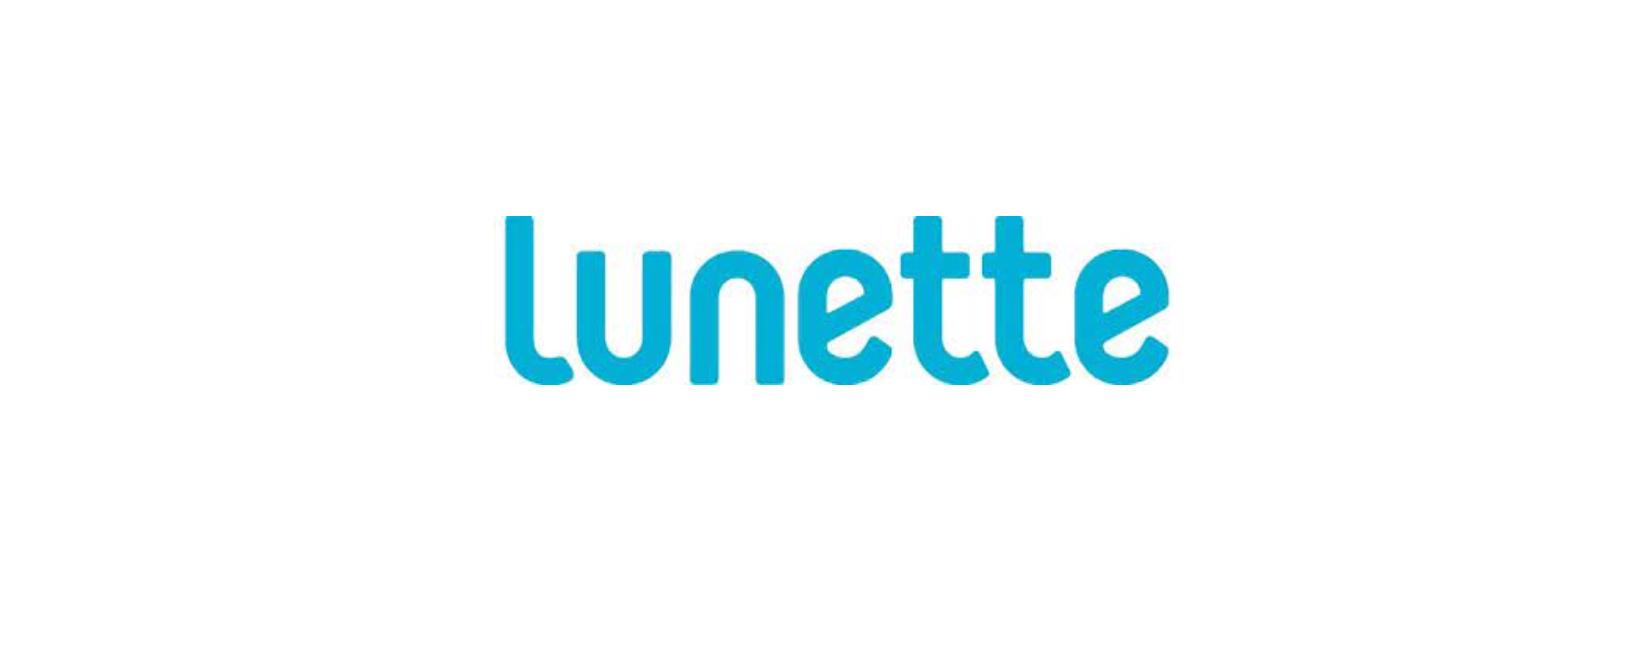 Lunette UK Discount Code 2021